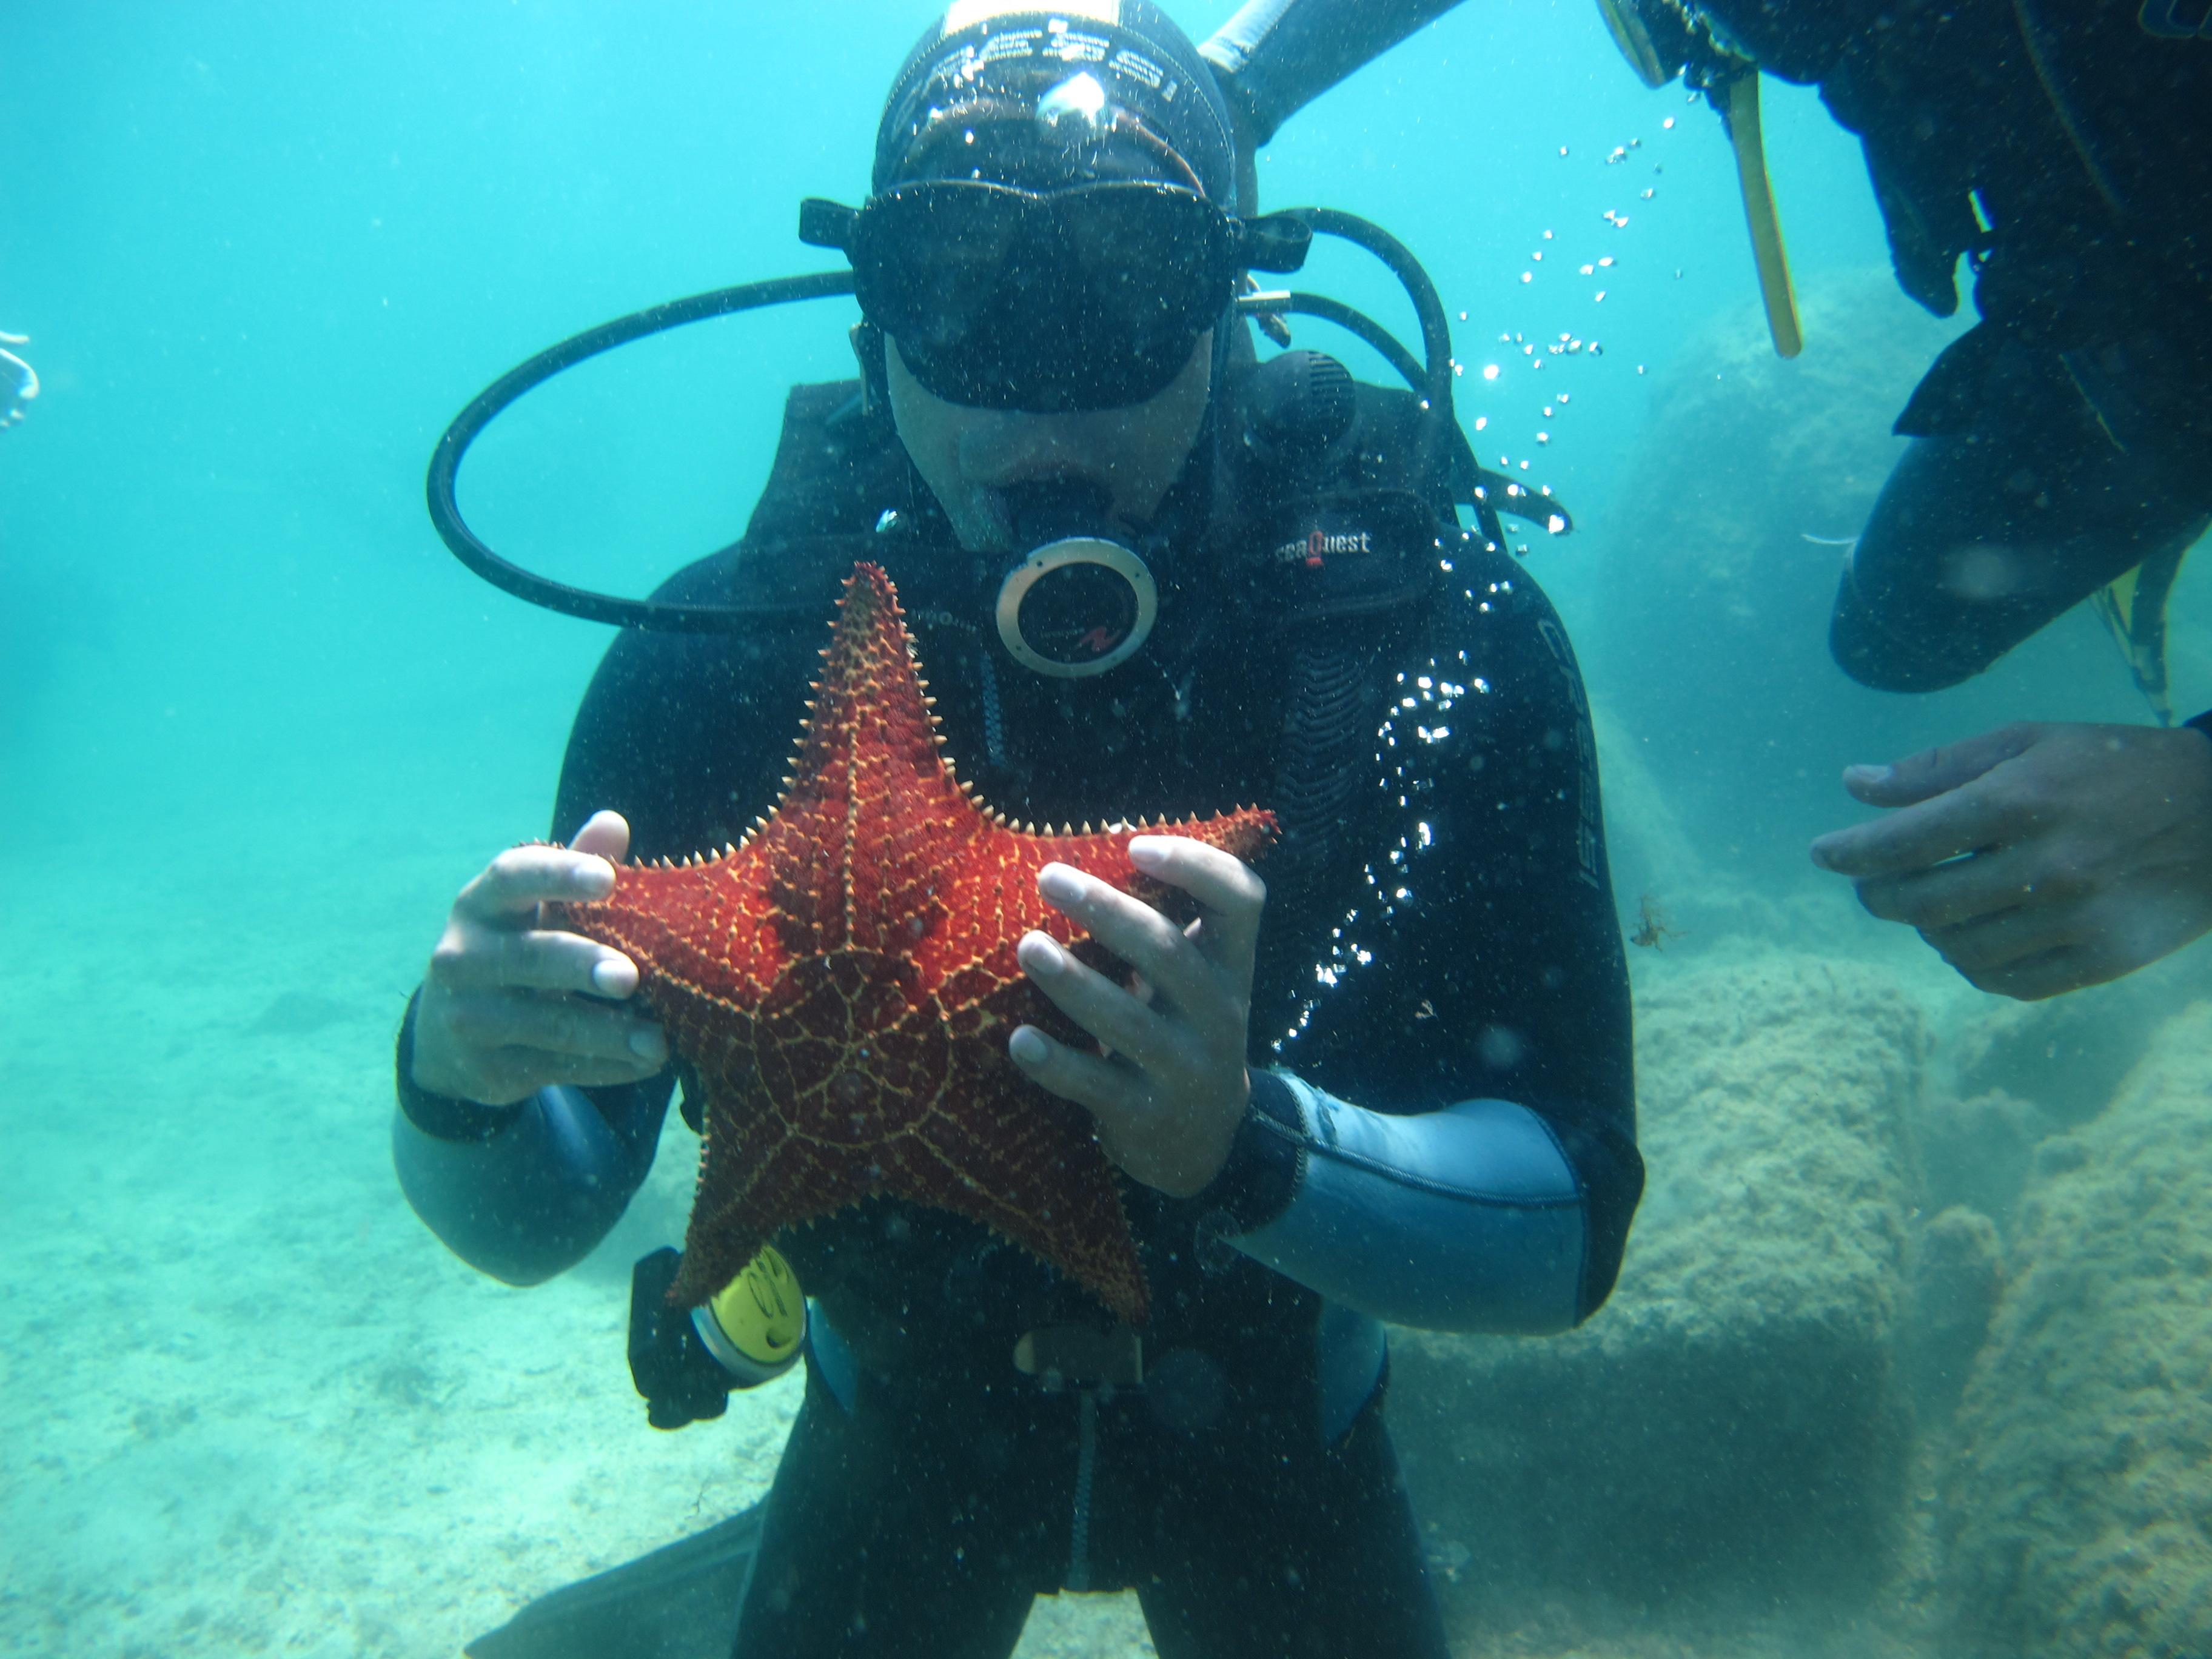 melhulhador segunrando estrela do mar em mergulho em ilha grande